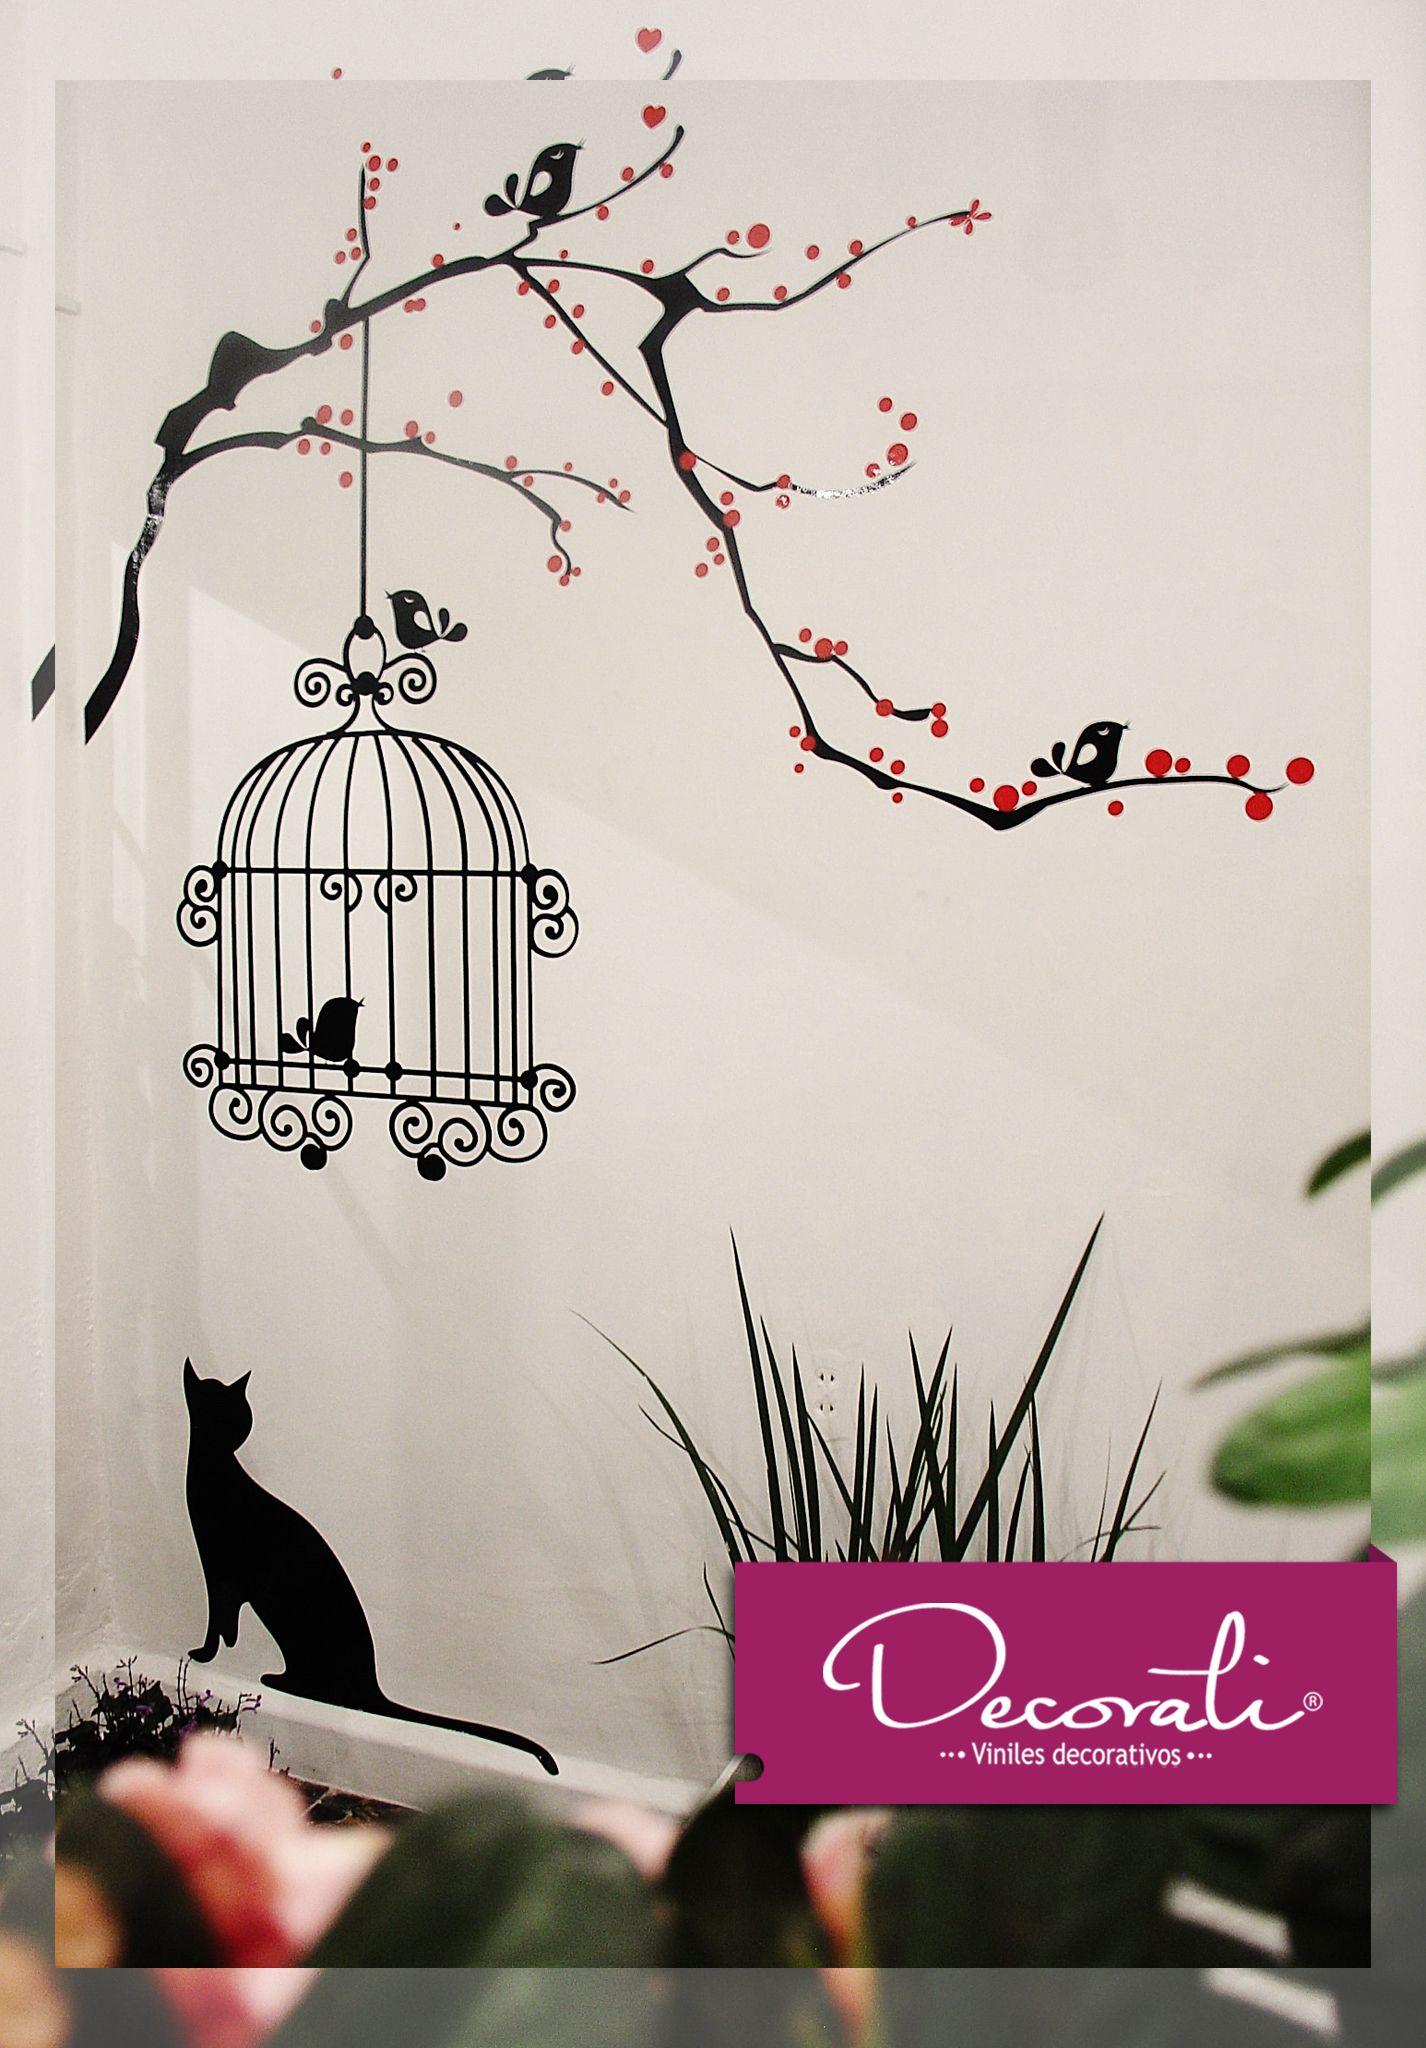 Decoraci n tienda de accesorios para el hogar decorati for Decoraciones para el hogar catalogo